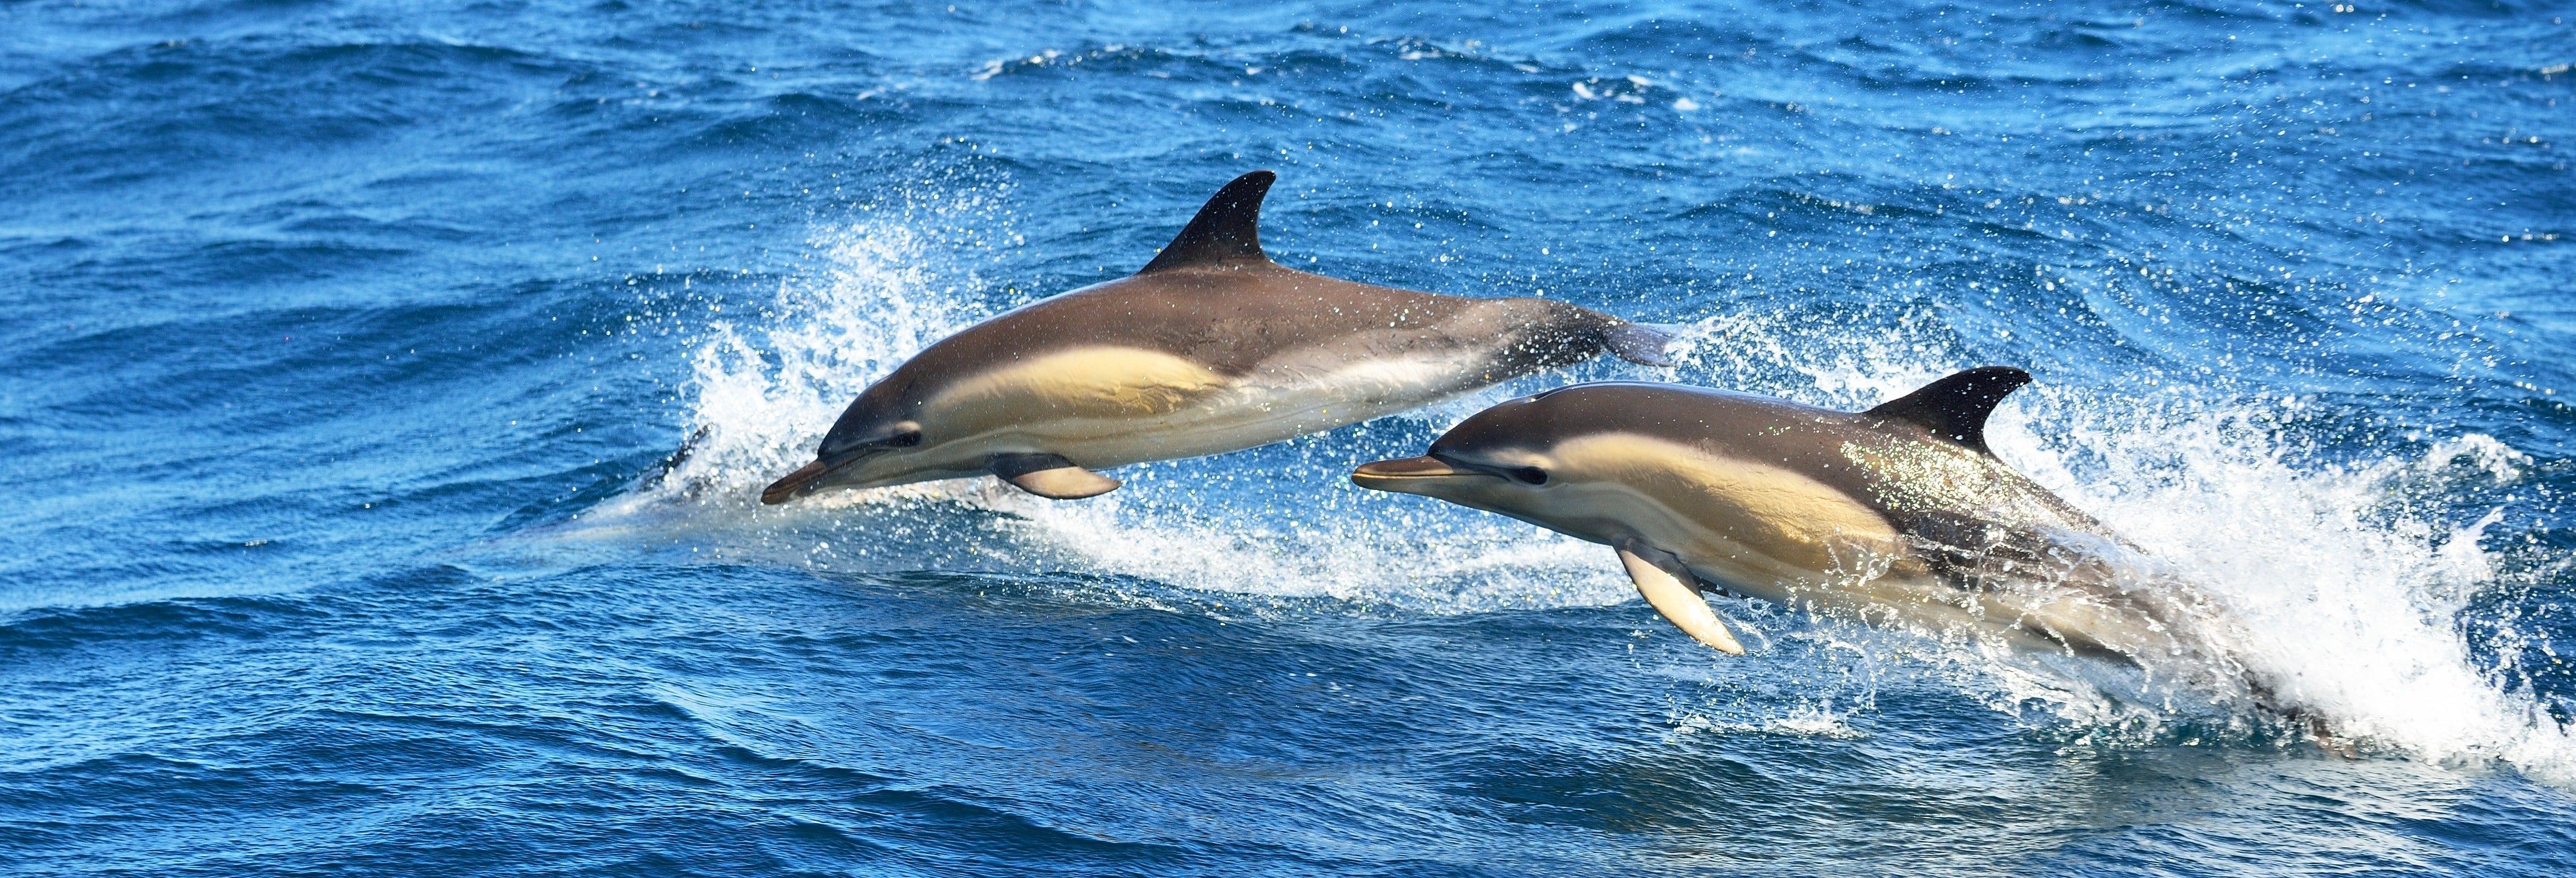 Avistamento de golfinhos em Olhão